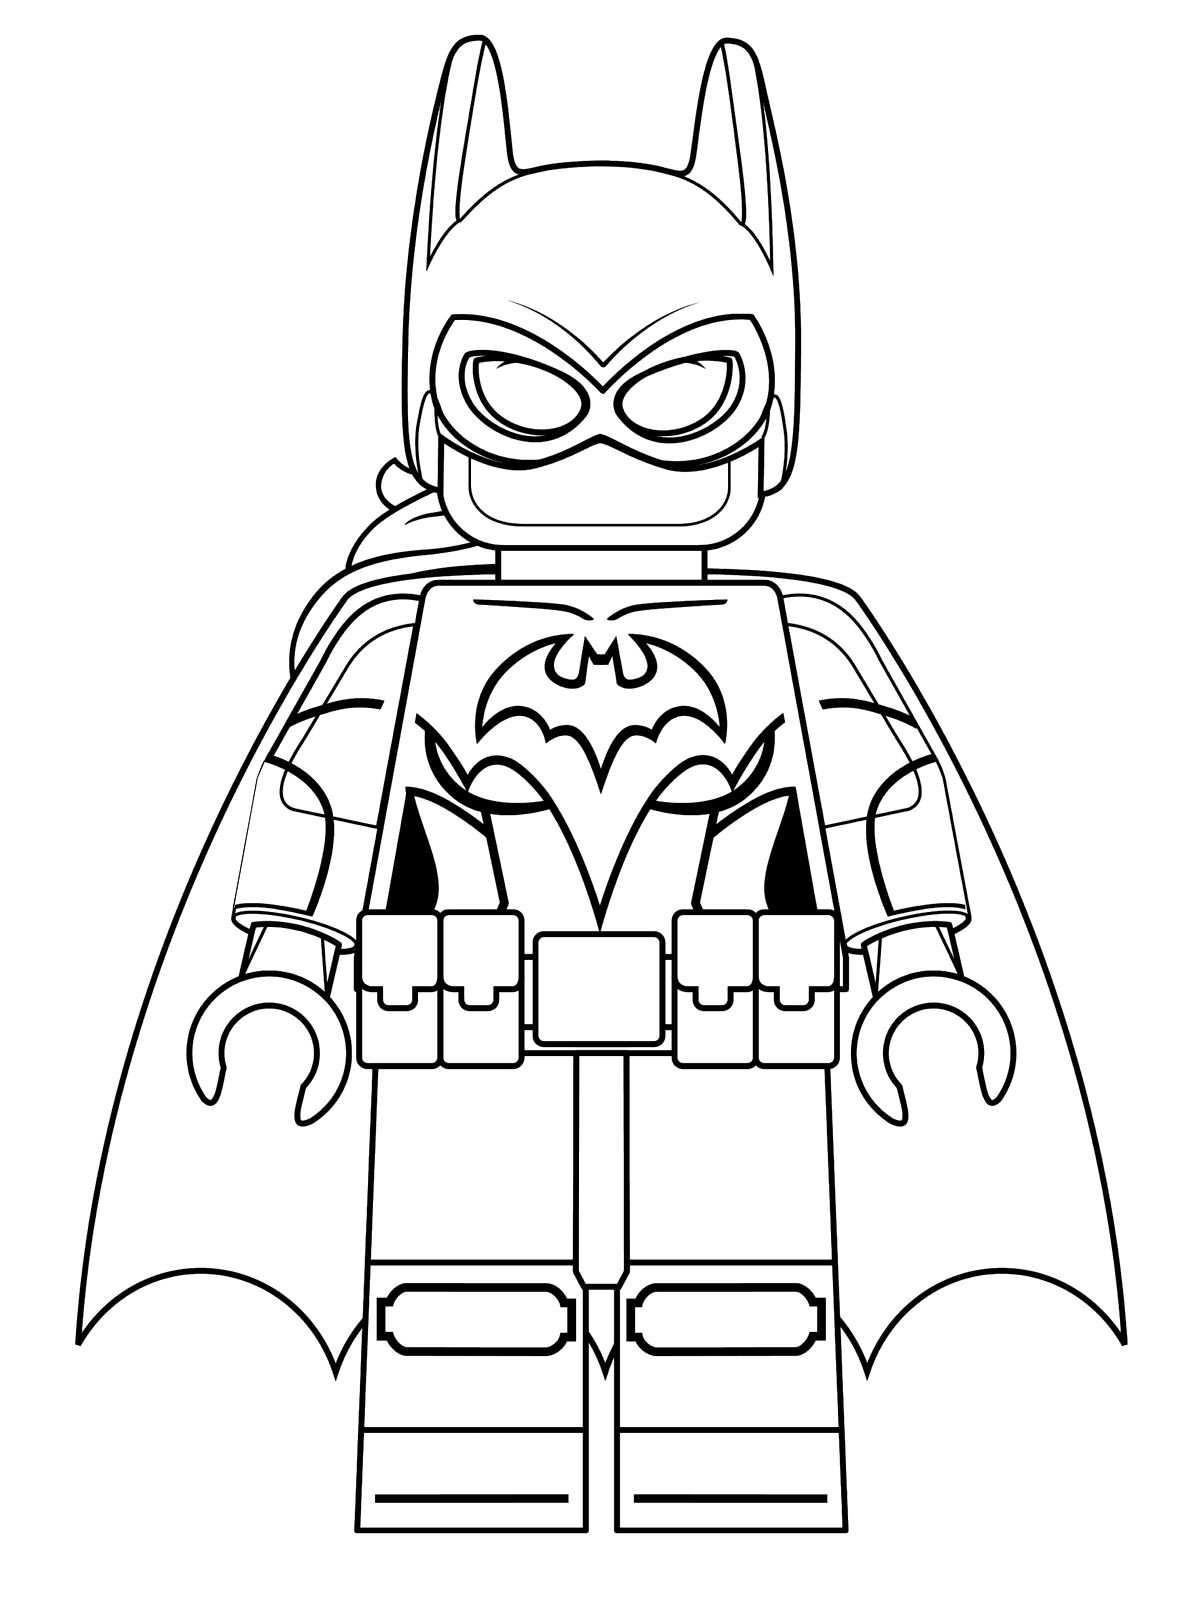 Kleurplaten Lego Heroes.Kids N Fun Kleurplaat Lego Batman Film Lego Batgirl